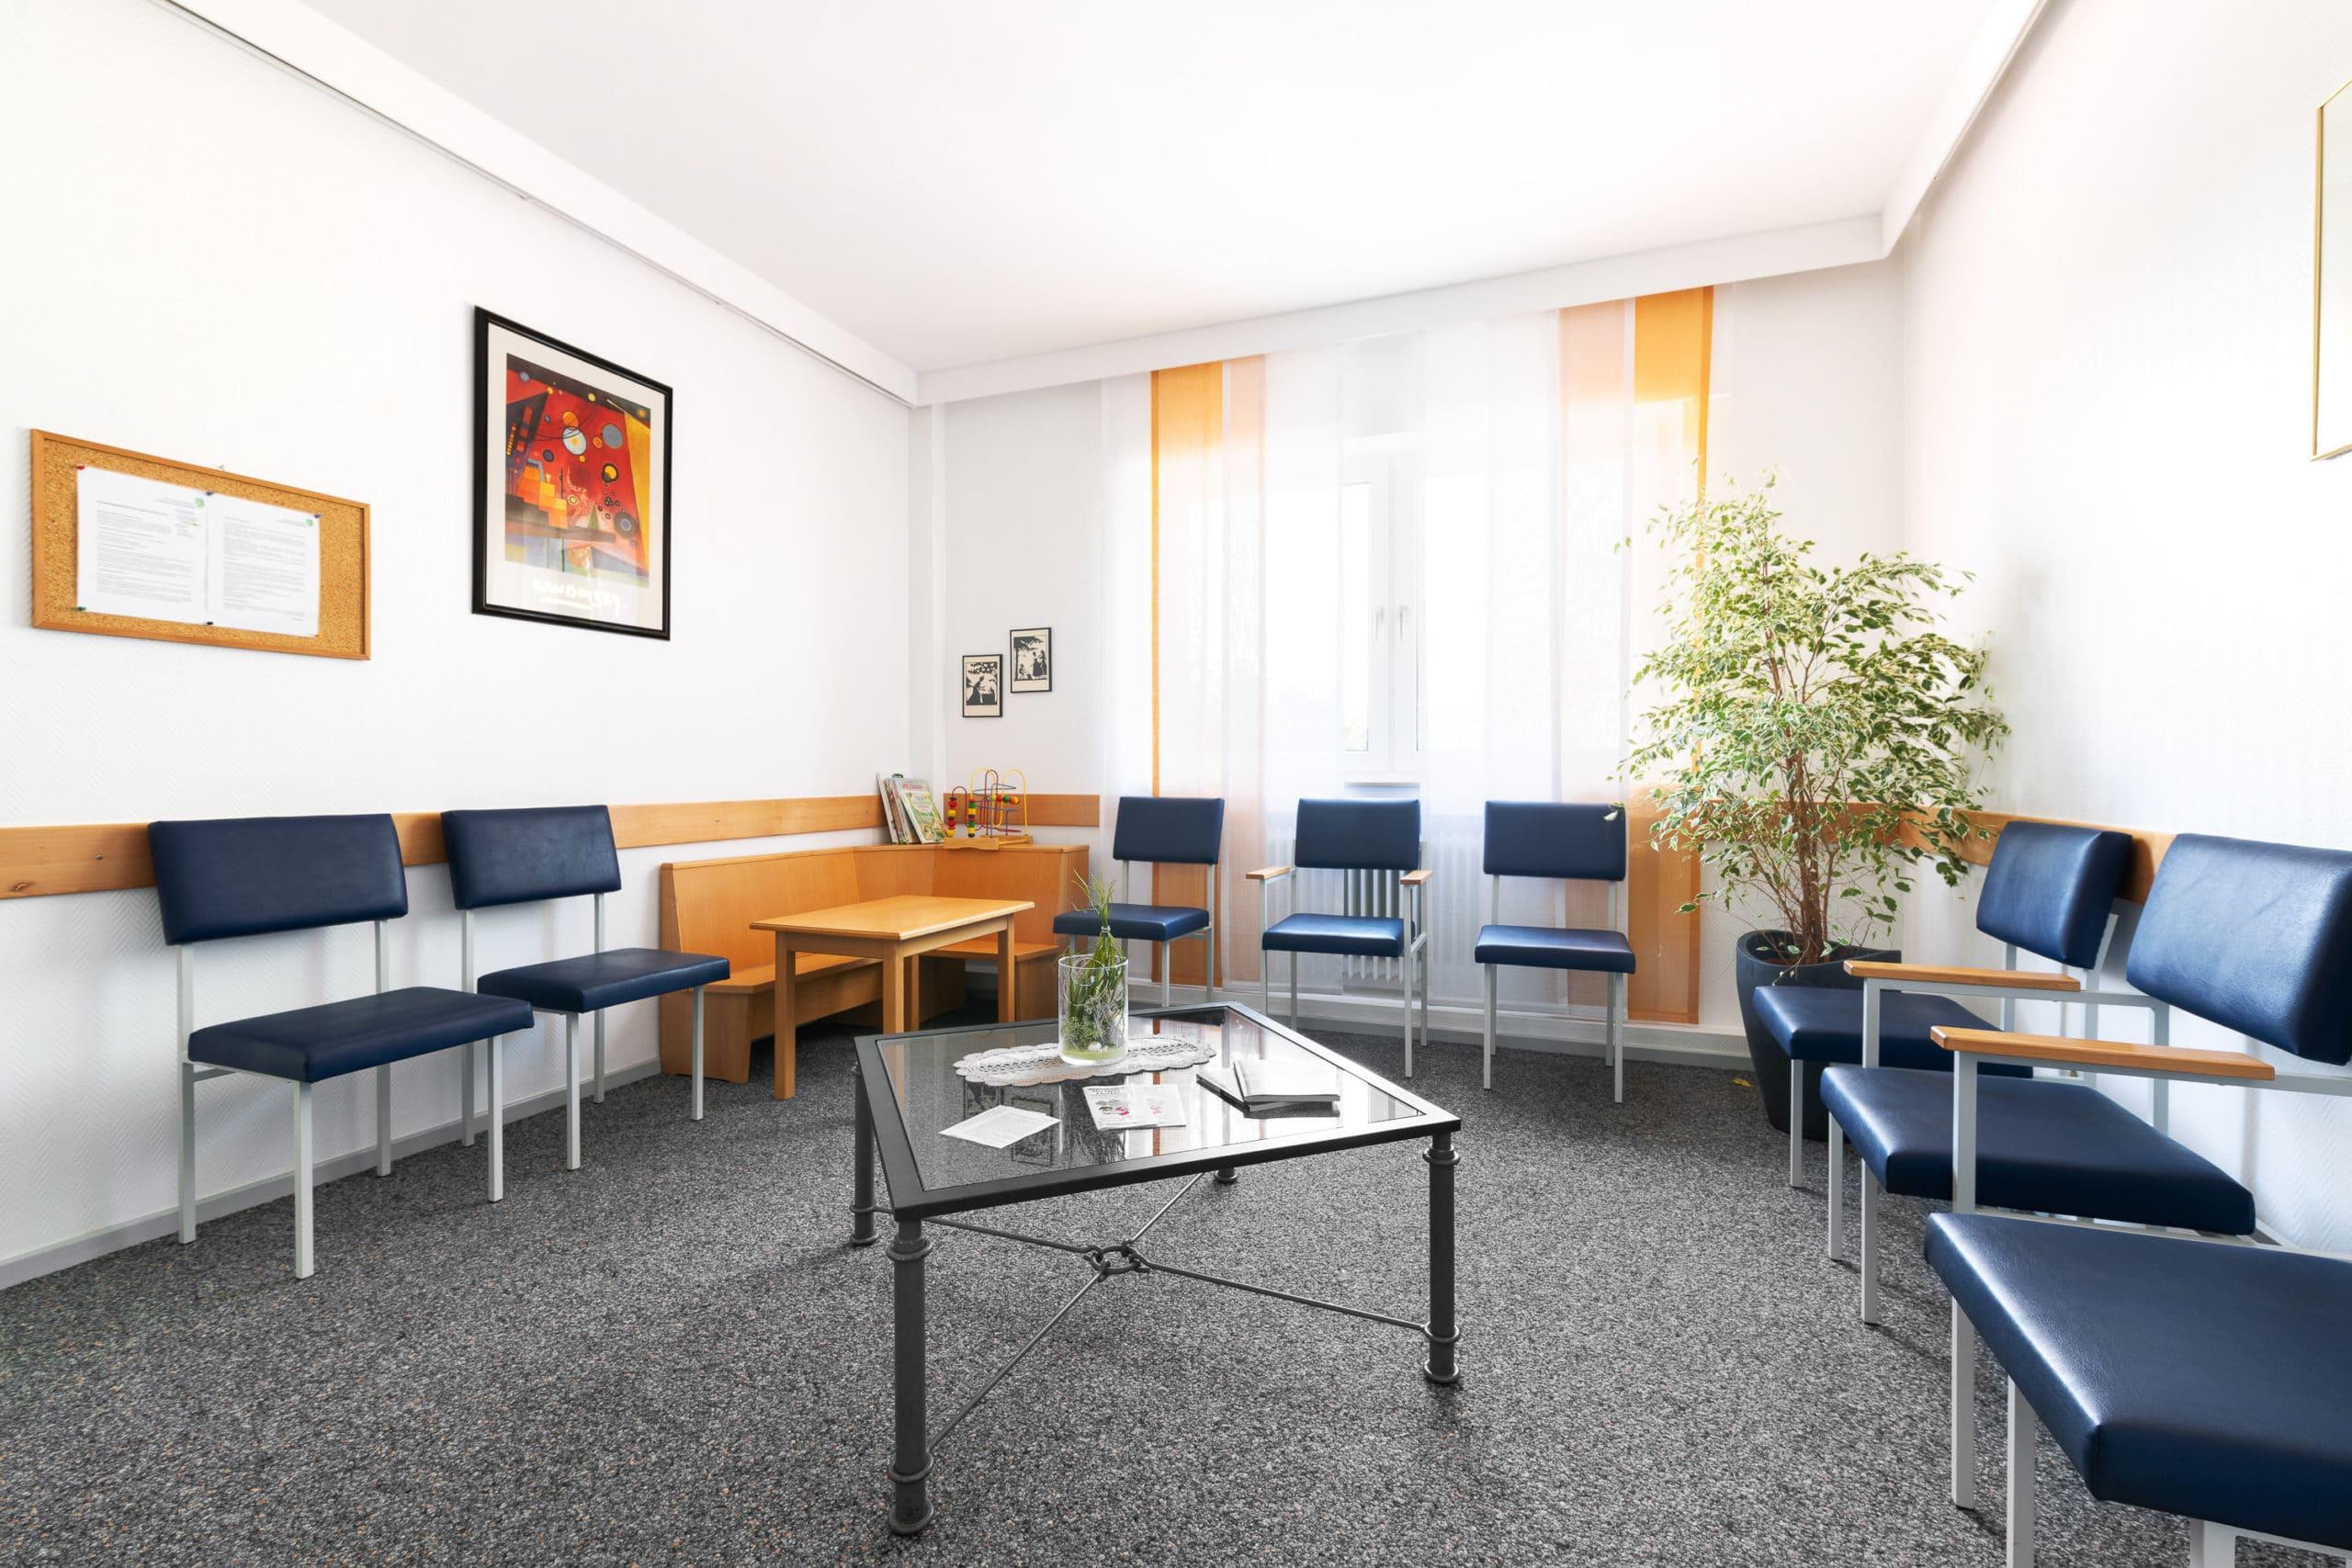 Interieur Aufnahme eines weiteren Wartezimmers einer Arztpraxis im Münsterland |Architekturfotograf für Praxisfotografie in Osnabrück Münster Bielefeld NRW Niedersachsen und bundesweit